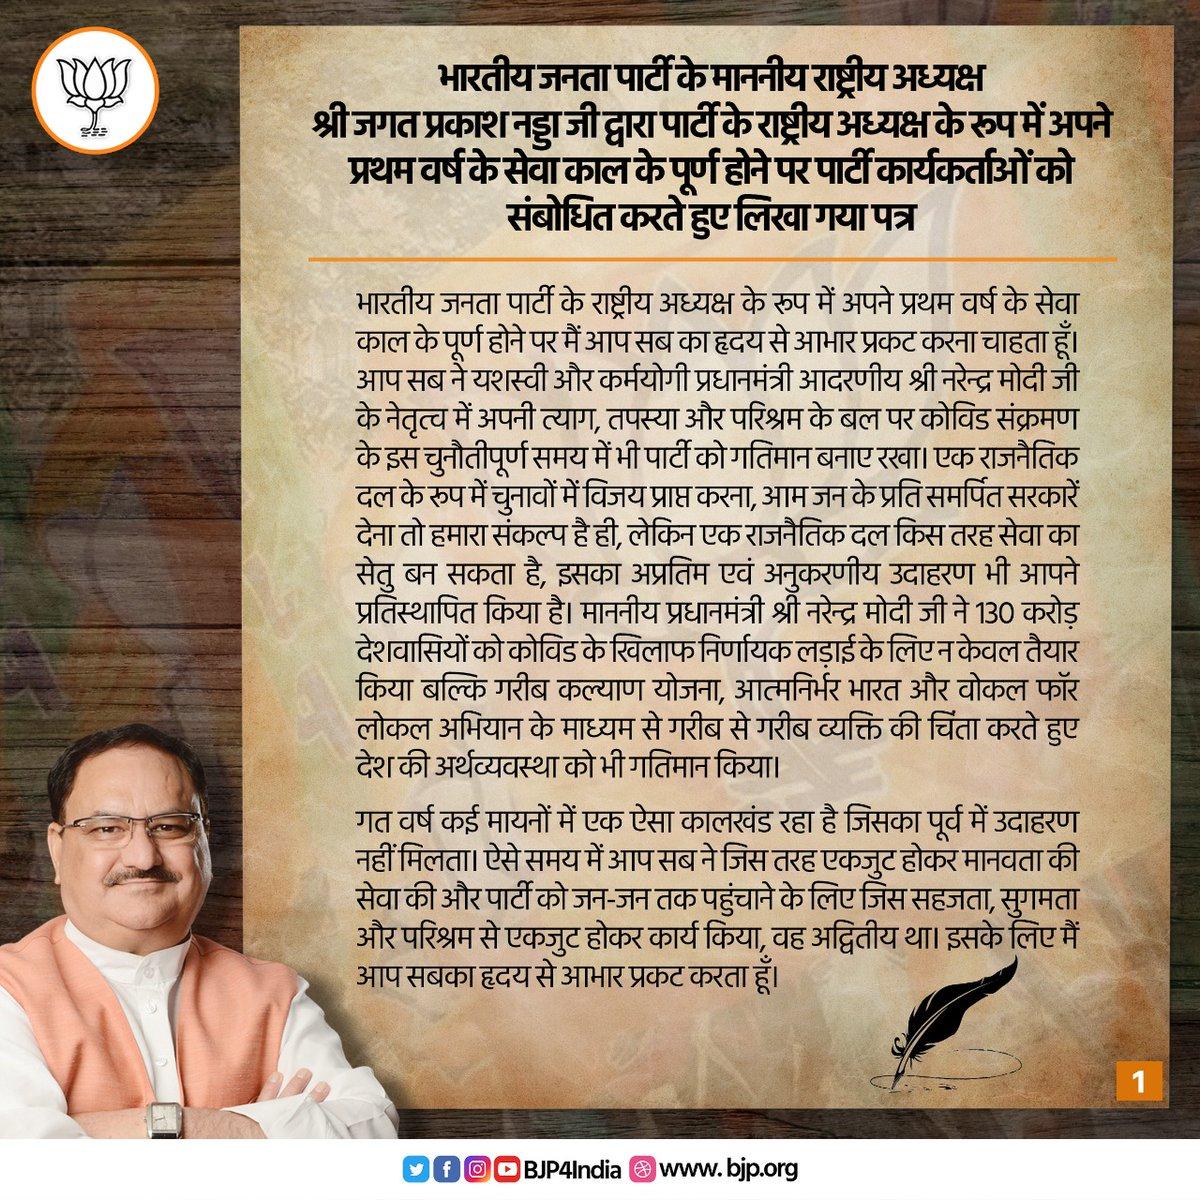 भारतीय जनता पार्टी के माननीय राष्ट्रीय अध्यक्ष आदरणीय श्री @JPNadda जी द्वारा पार्टी के राष्ट्रीय अध्यक्ष के रूप में अपने प्रथम वर्ष के सेवा काल के पूर्ण होने पर पार्टी कार्यकर्ताओं को संबोधित करते हुए लिखा गया पत्र।